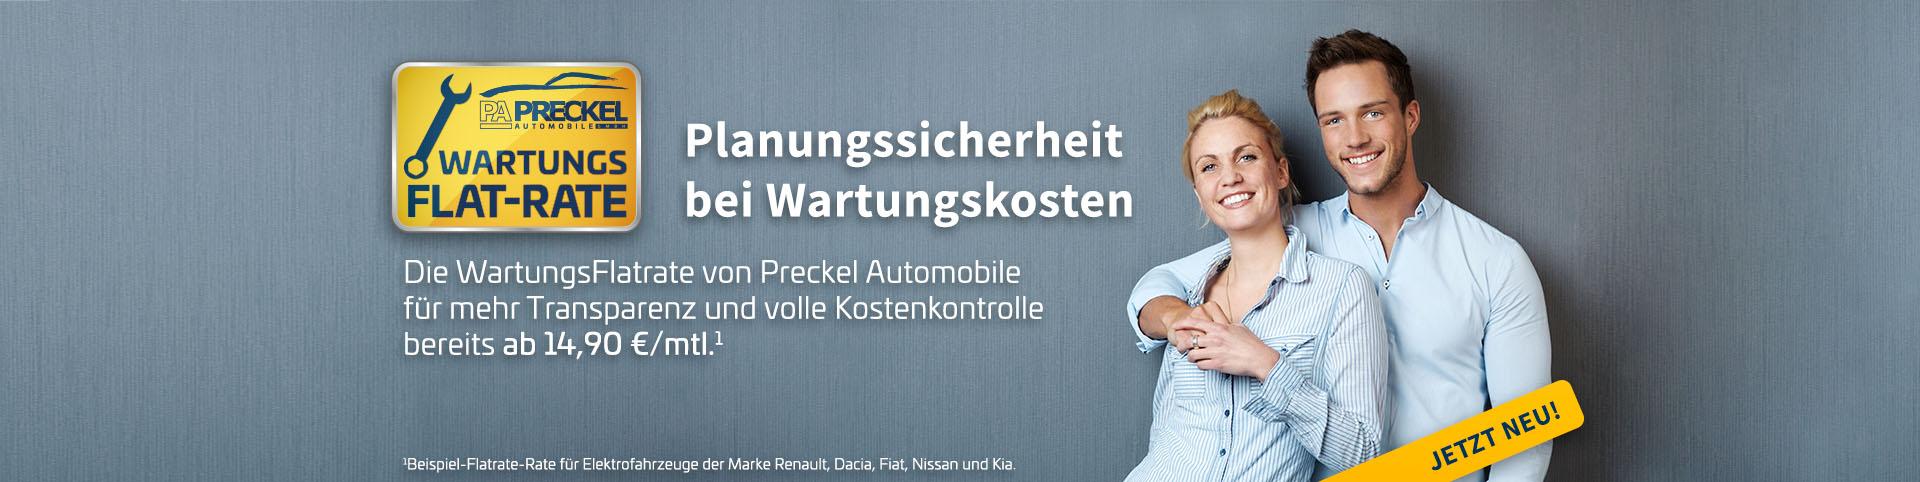 Planungssicherheit bei Wartungskosten - die WartungsFlatrate von Preckel Automobile